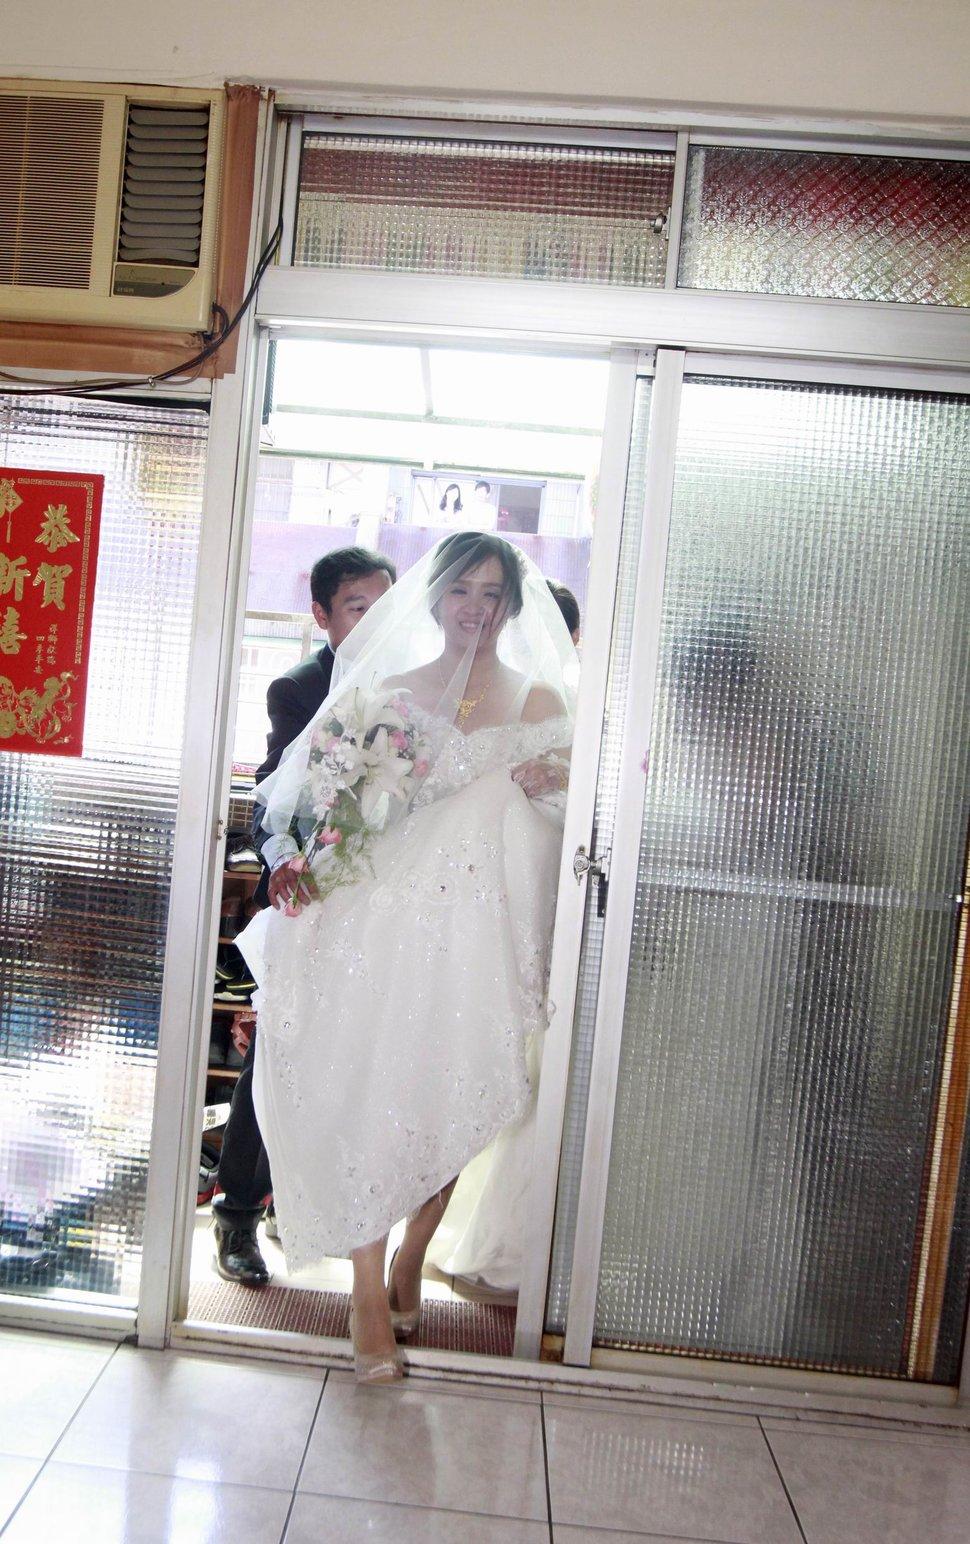 永和易牙居婚宴廣場宴會廳婚婚禮記錄結婚迎娶婚禮記錄動態微電影錄影專業錄影平面攝影婚攝婚禮(編號:213043) - 蜜月拍照10800錄影12800攝影團隊 - 結婚吧